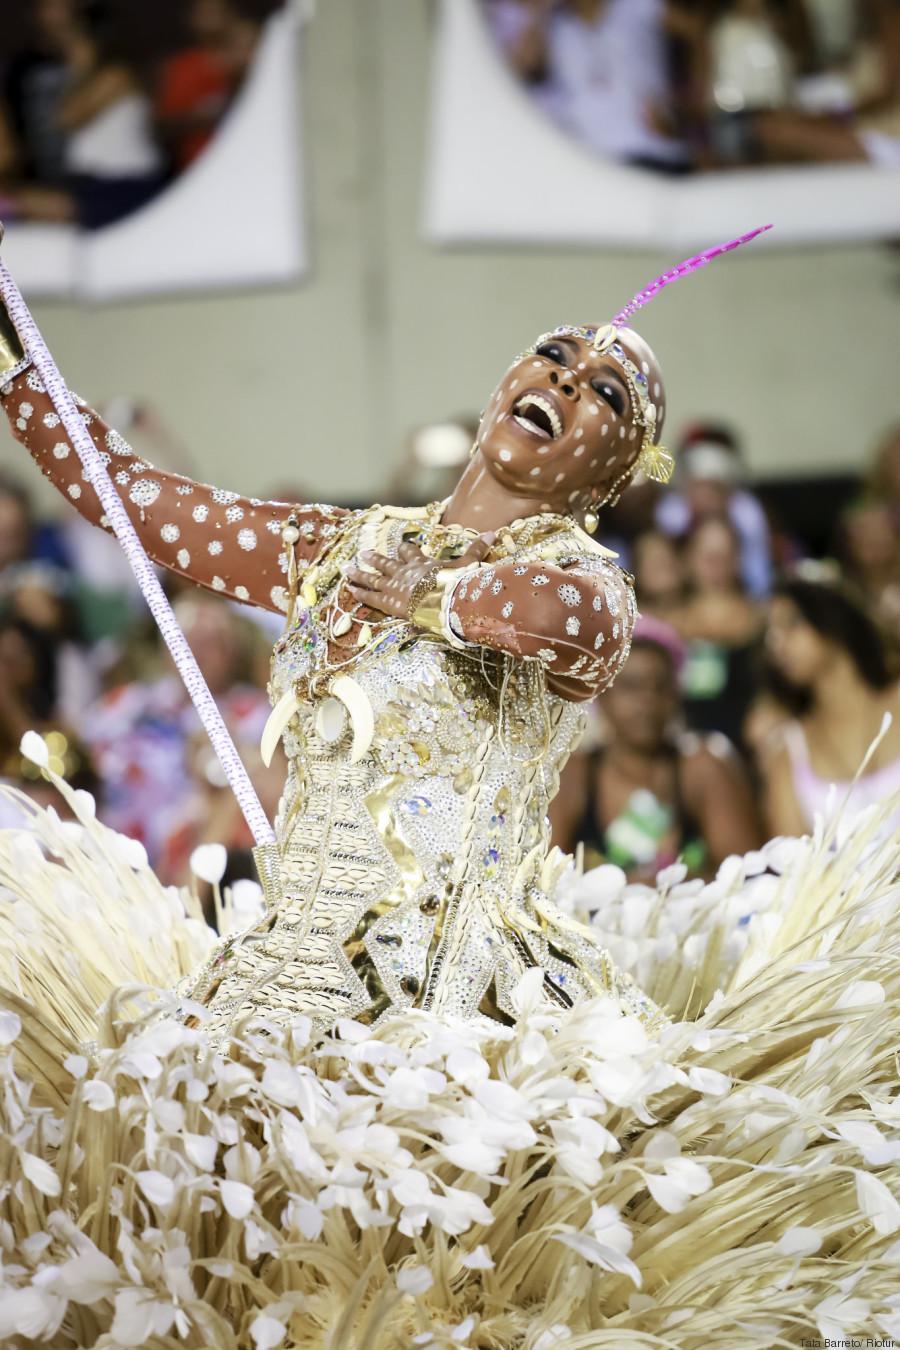 Rio de Janeiro, 08/02/2016 Desfile na | at Sapucaí – Grupo Especial Foto | Photo: Tata Barreto| Riotur